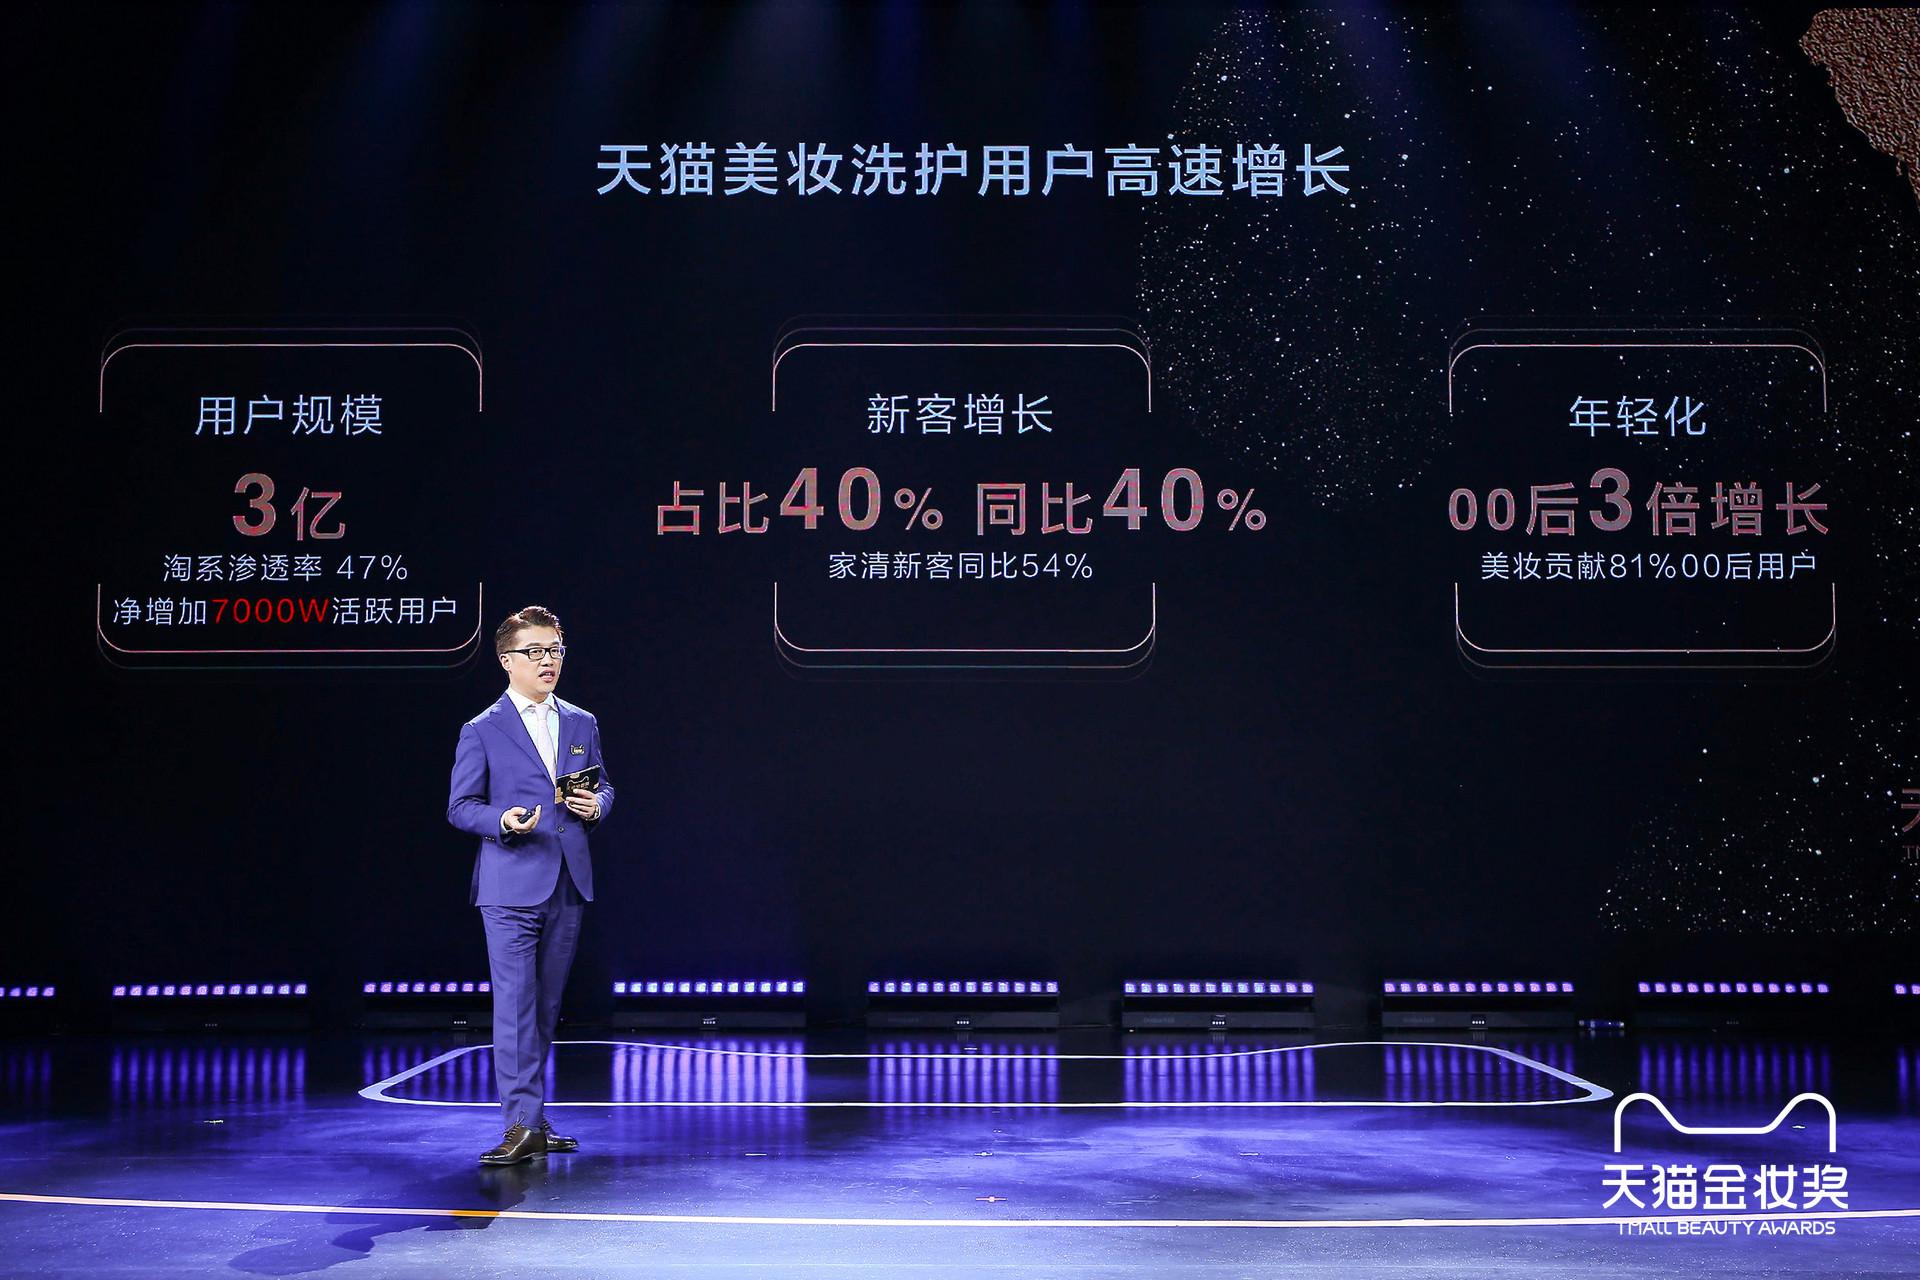 天猫快速消费品事业部总经理胡伟雄晒出天猫美妆洗护成绩单